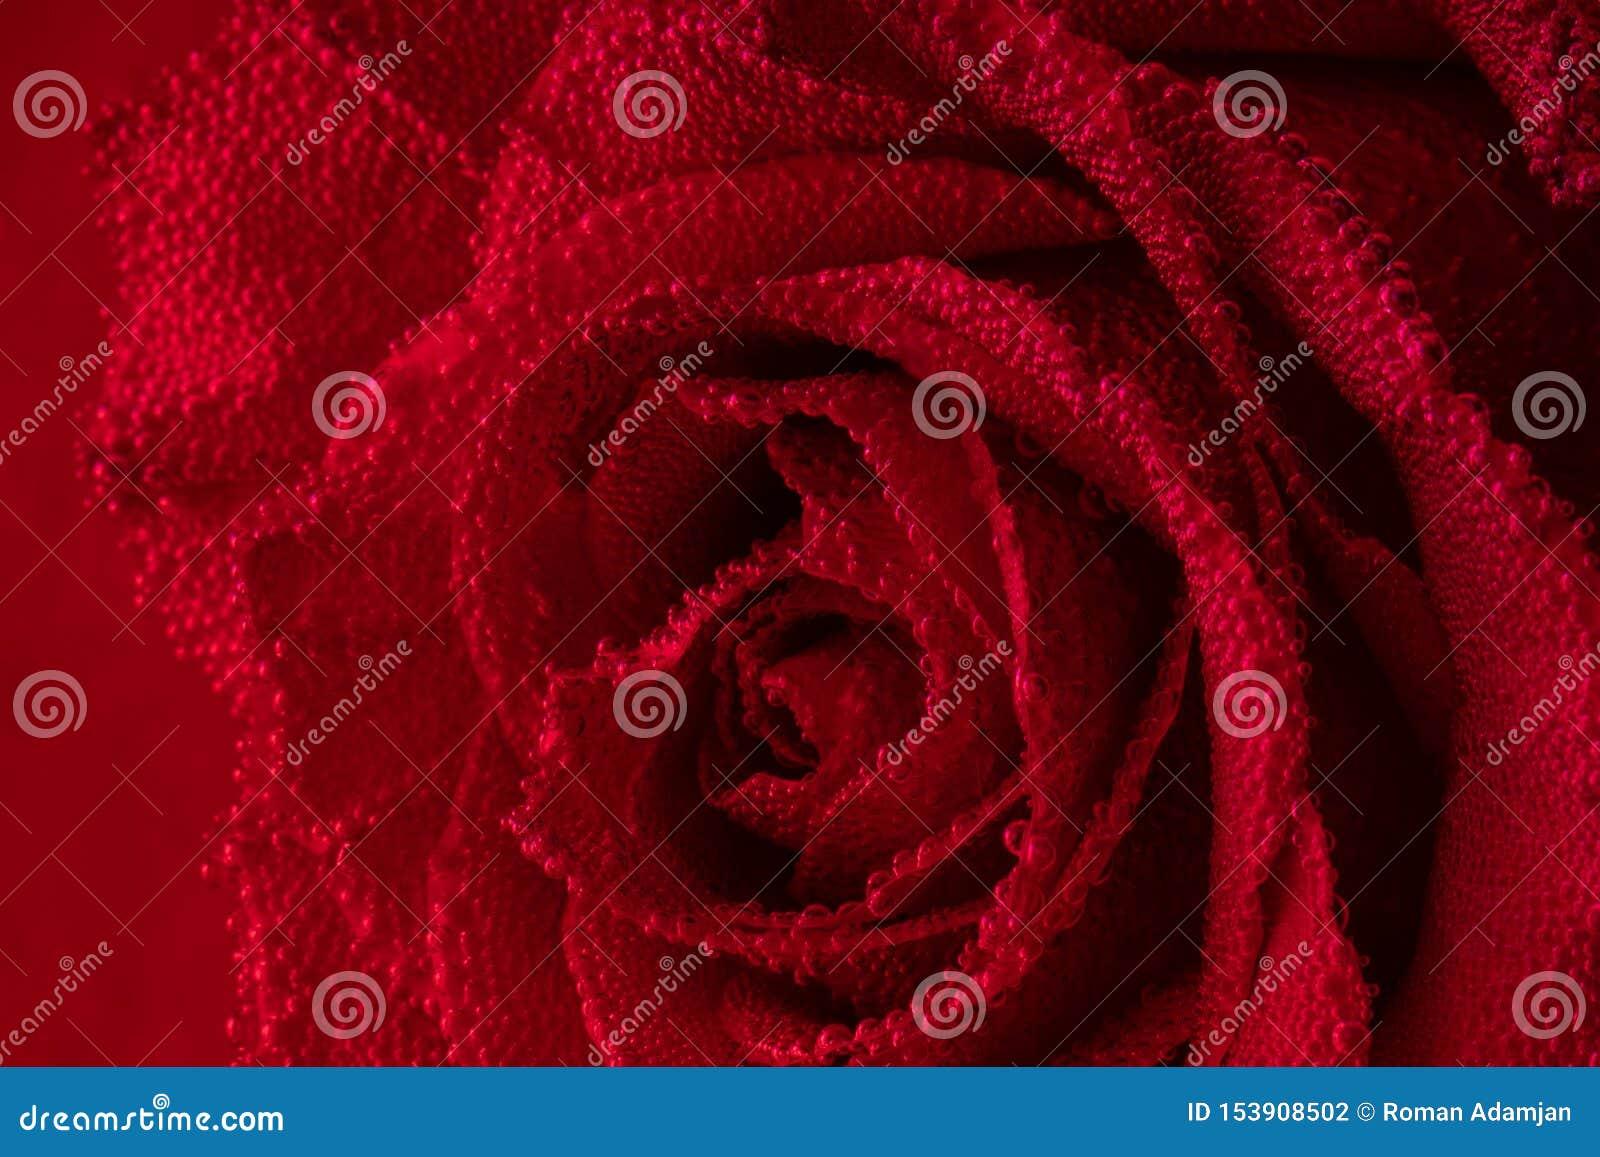 Rote Rose mit Luftblasen auf den Blumenblättern Rose im Aquarium